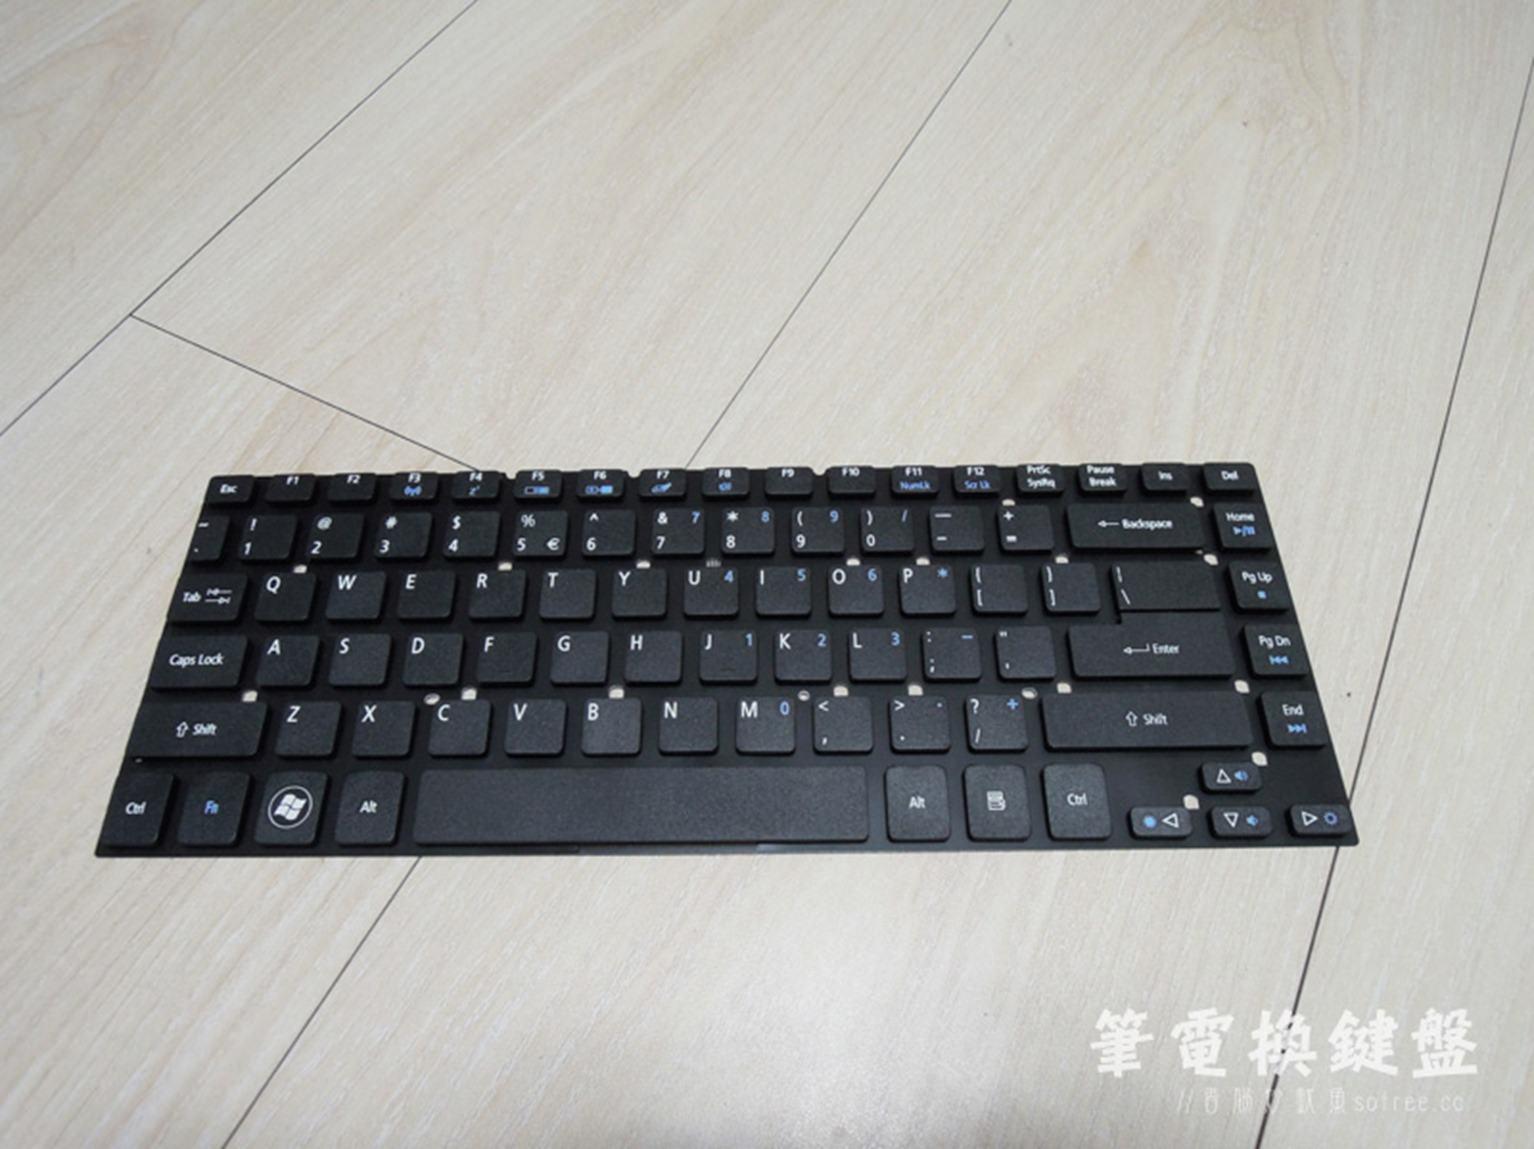 [教學]如何拆解更換ACER E1-472G 筆電鍵盤? - 香腸炒魷魚